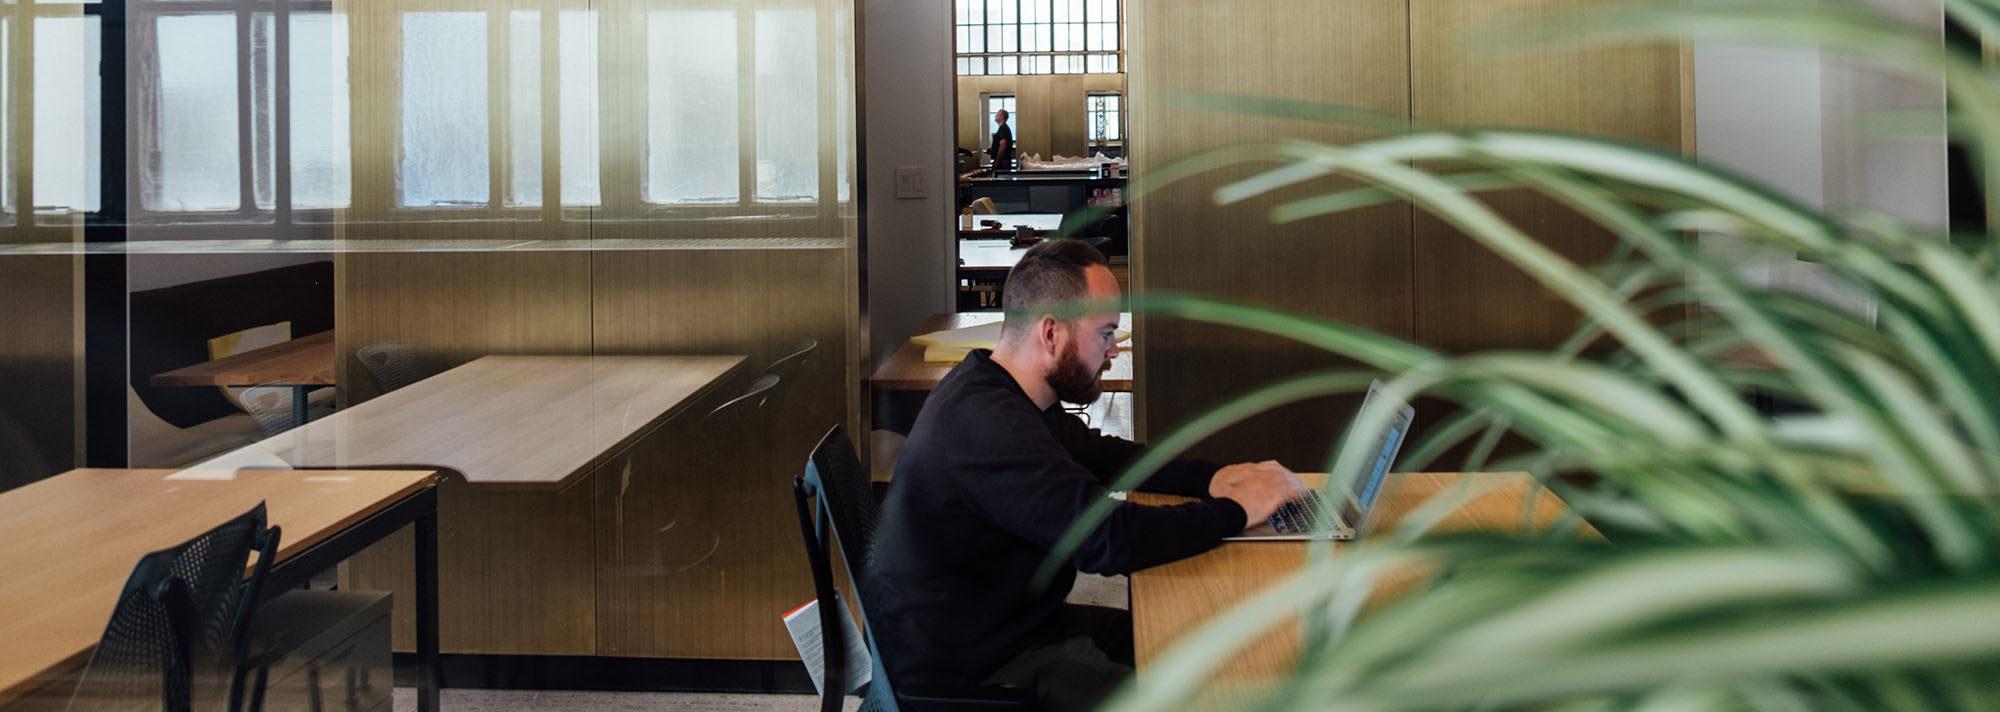 Man sitting at laptop in foyer